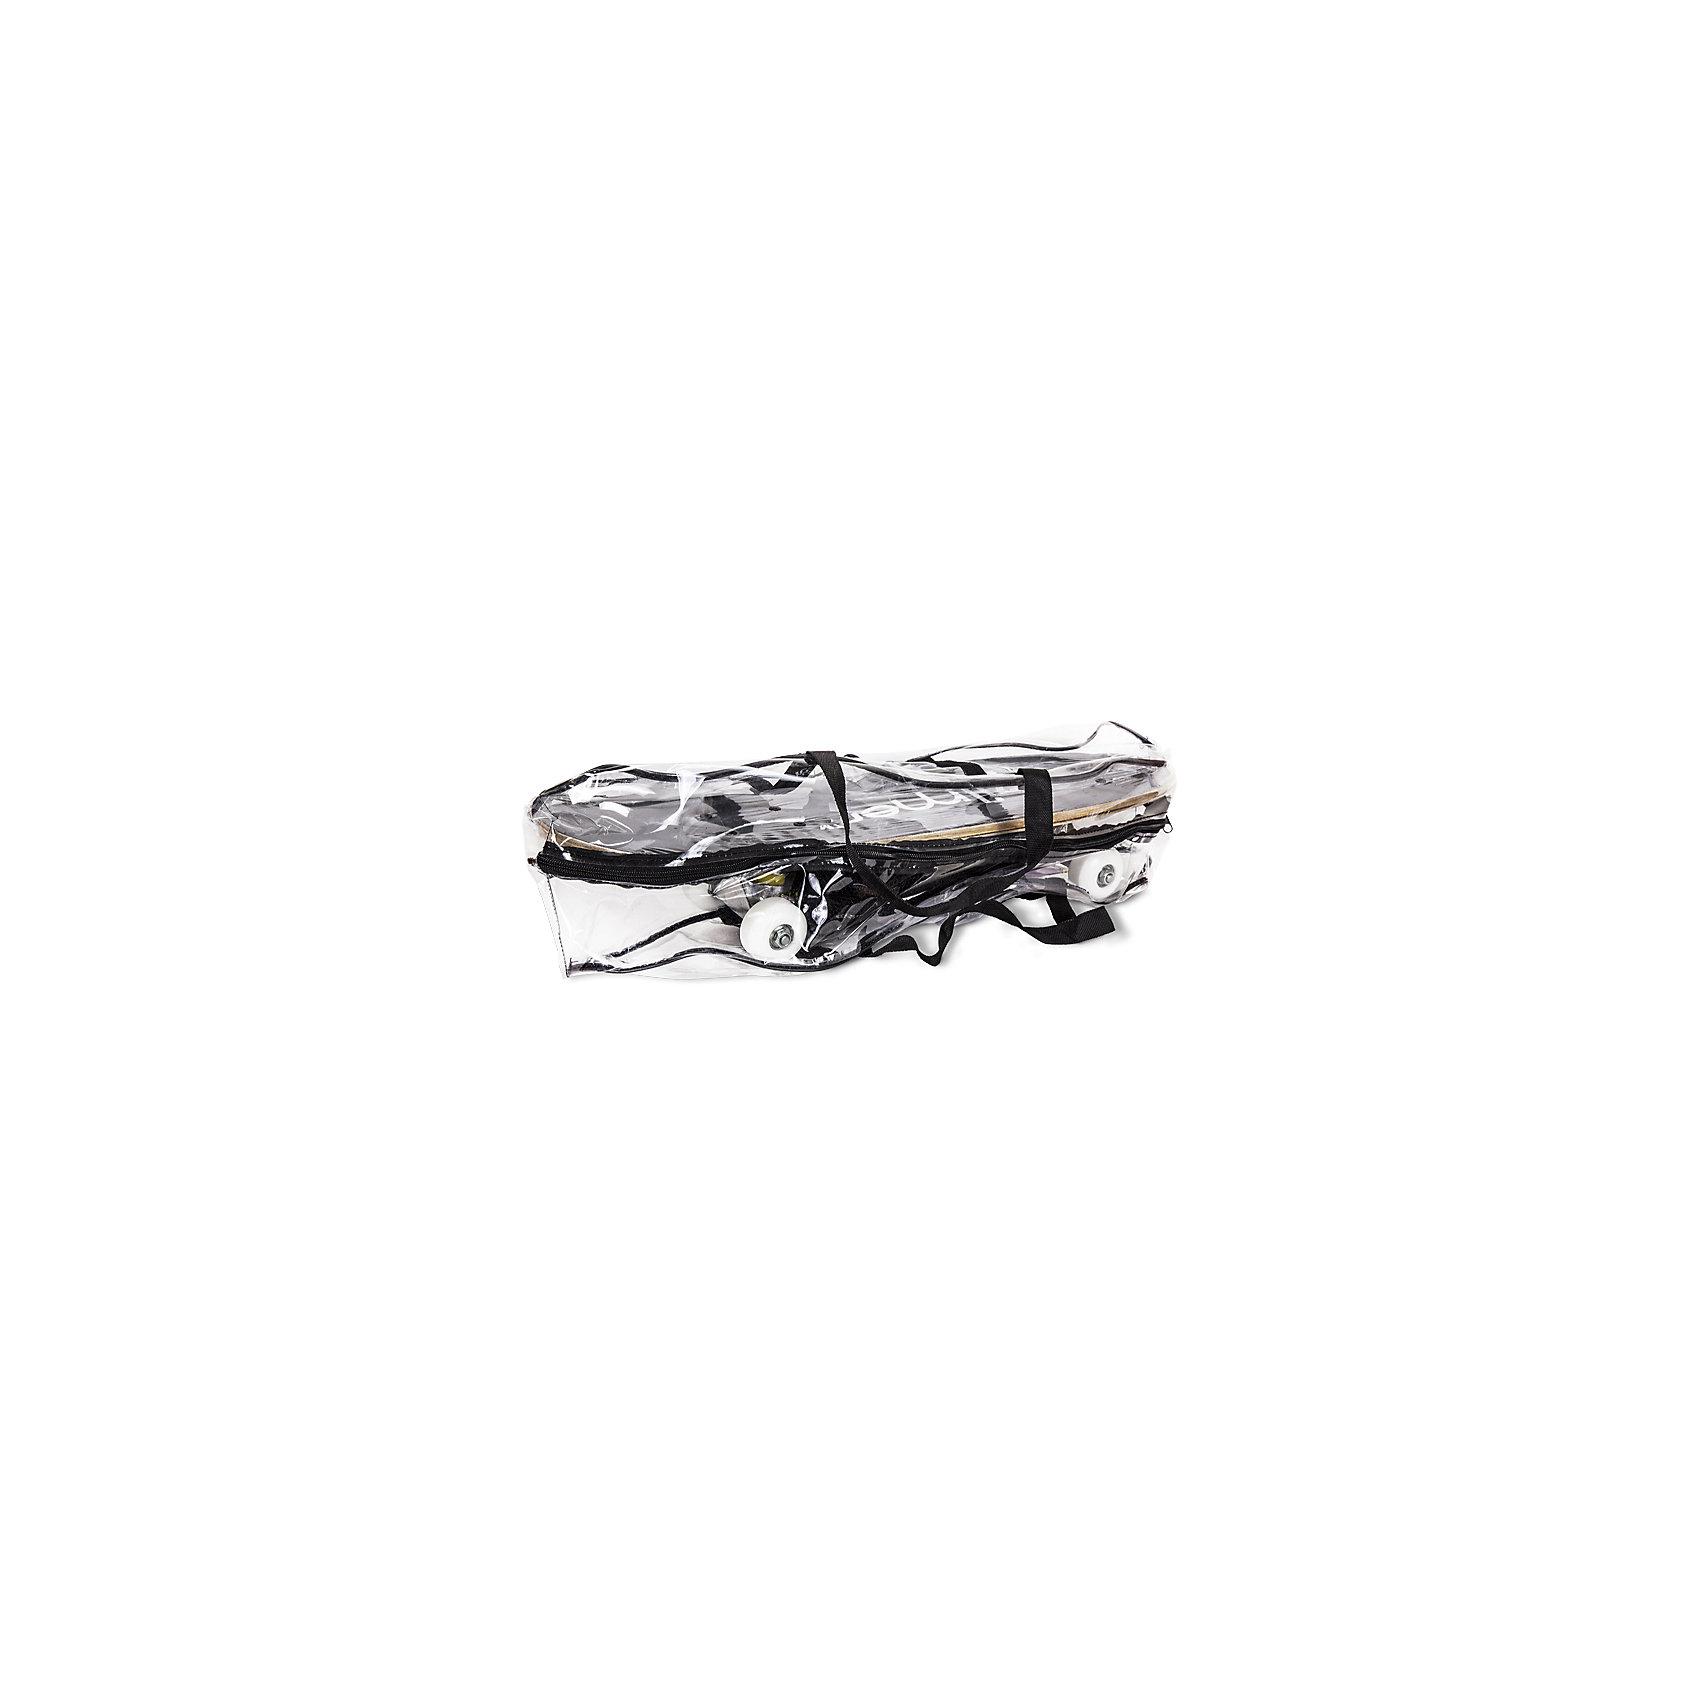 Набор для скейтбординга Крутой вираж, Zilmer, в ассортиментеЗащита, шлемы<br>Этот набор приведет в восторг всех юных экстремалов! В нем есть все, чтобы научиться кататься на скейте. Стильный скейтборд с  рельефной поверхностью, деревянной декой, подвеской из алюминия и полиуретановыми колесами обеспечит хорошее сцепление с поверхностью, быстрый разгон и торможение. Полный комплект защиты, состоящий из прочных наколенников, налокотников, перчаток на запястья и шлема гарантирует комфорт и безопасность. Шлем с отверстиями для вентиляции застегивается на ремешки. Катание на скейтборде стимулирует ребенка к физической активности на свежем отдыхе, помогает развить различные группы мышц и укрепить иммунитет. <br><br>Дополнительная информация:<br><br>- Материал: полиуретан, алюминий, дерево, пластик.<br>- Комплектация: скейтборд, шлем, комплект защиты.<br>- Размер упаковки: 60х30х25 см.<br>- Размер скейтборда: 60х15 см. <br>- Размер колес: 50х30 мм.<br>- Шлем застегивается на ремешок.<br>- Антискользящая платформа. <br>- Цвет в ассортименте.<br>ВНИМАНИЕ! Данный артикул представлен в разных цветовых вариантах. К сожалению, заранее выбрать определенный вариант невозможно. При заказе нескольких наборов возможно получение одинаковых.<br><br>Набор для скейтбординга Крутой вираж, Zilmer, в ассортименте, можно купить в нашем магазине.<br><br>Ширина мм: 600<br>Глубина мм: 300<br>Высота мм: 250<br>Вес г: 2383<br>Возраст от месяцев: 36<br>Возраст до месяцев: 72<br>Пол: Унисекс<br>Возраст: Детский<br>SKU: 4635550